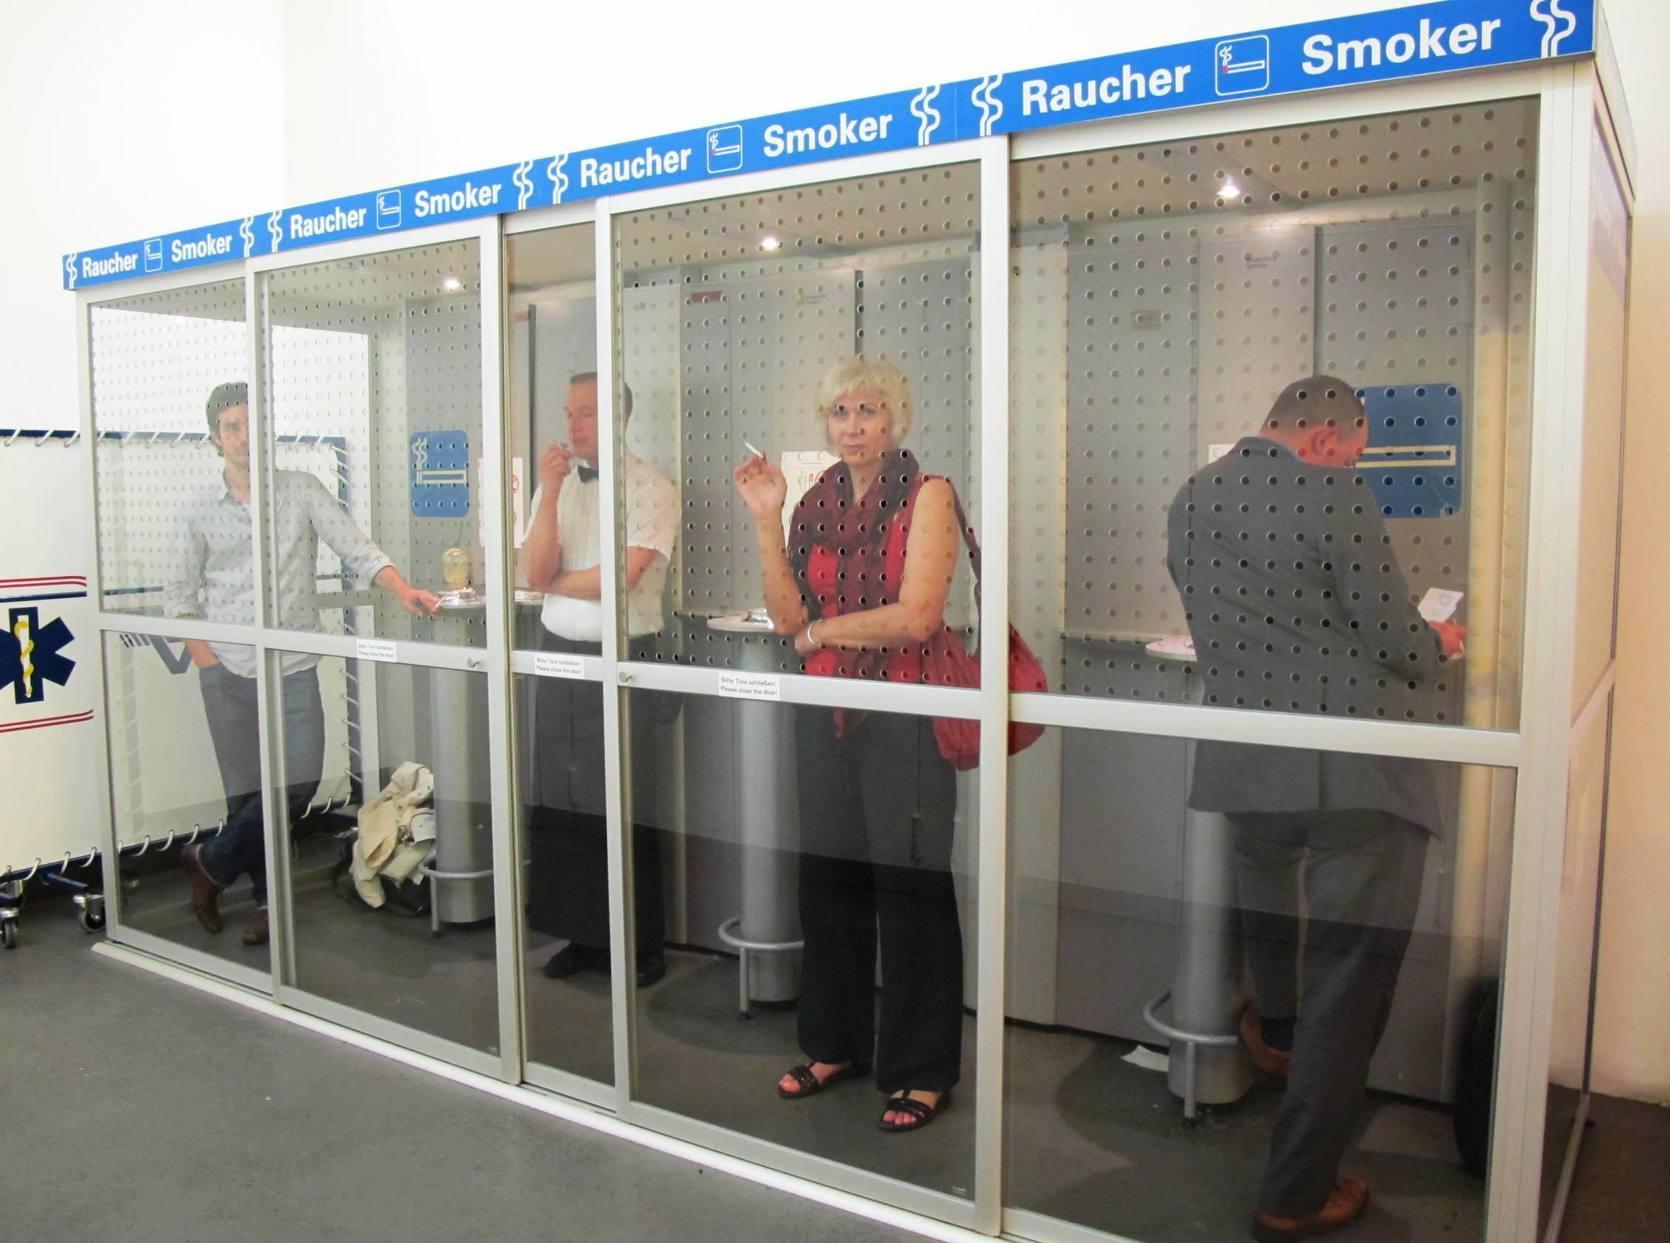 Где купить сигареты в аэропорту уфы эл сигарету купить в кирове